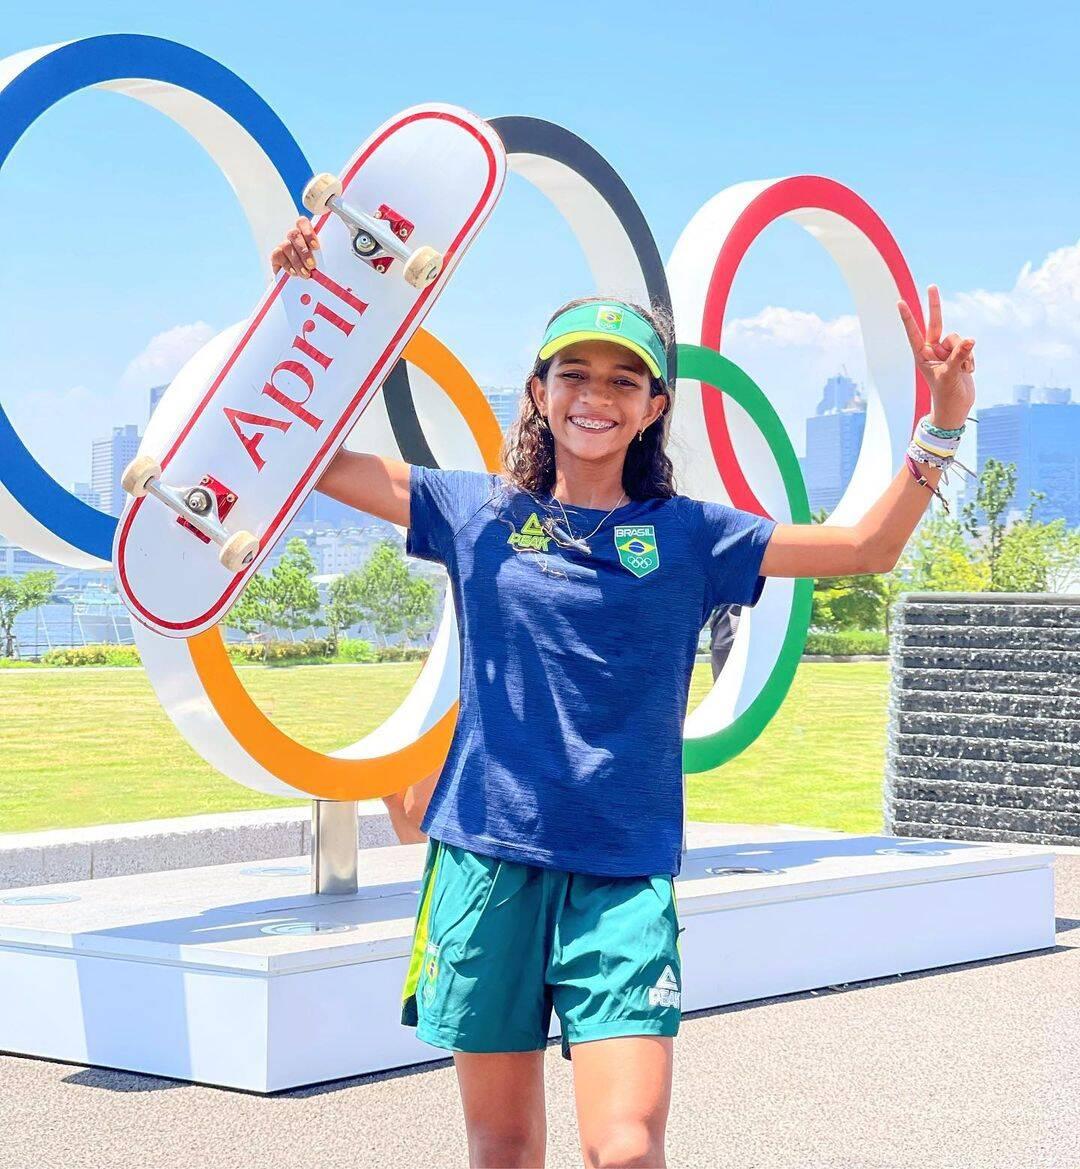 Com apenas 13 anos, se tornou a atleta brasileira mais jovem a conseguir medalha nas olímpiadas (Foto: Instagram)